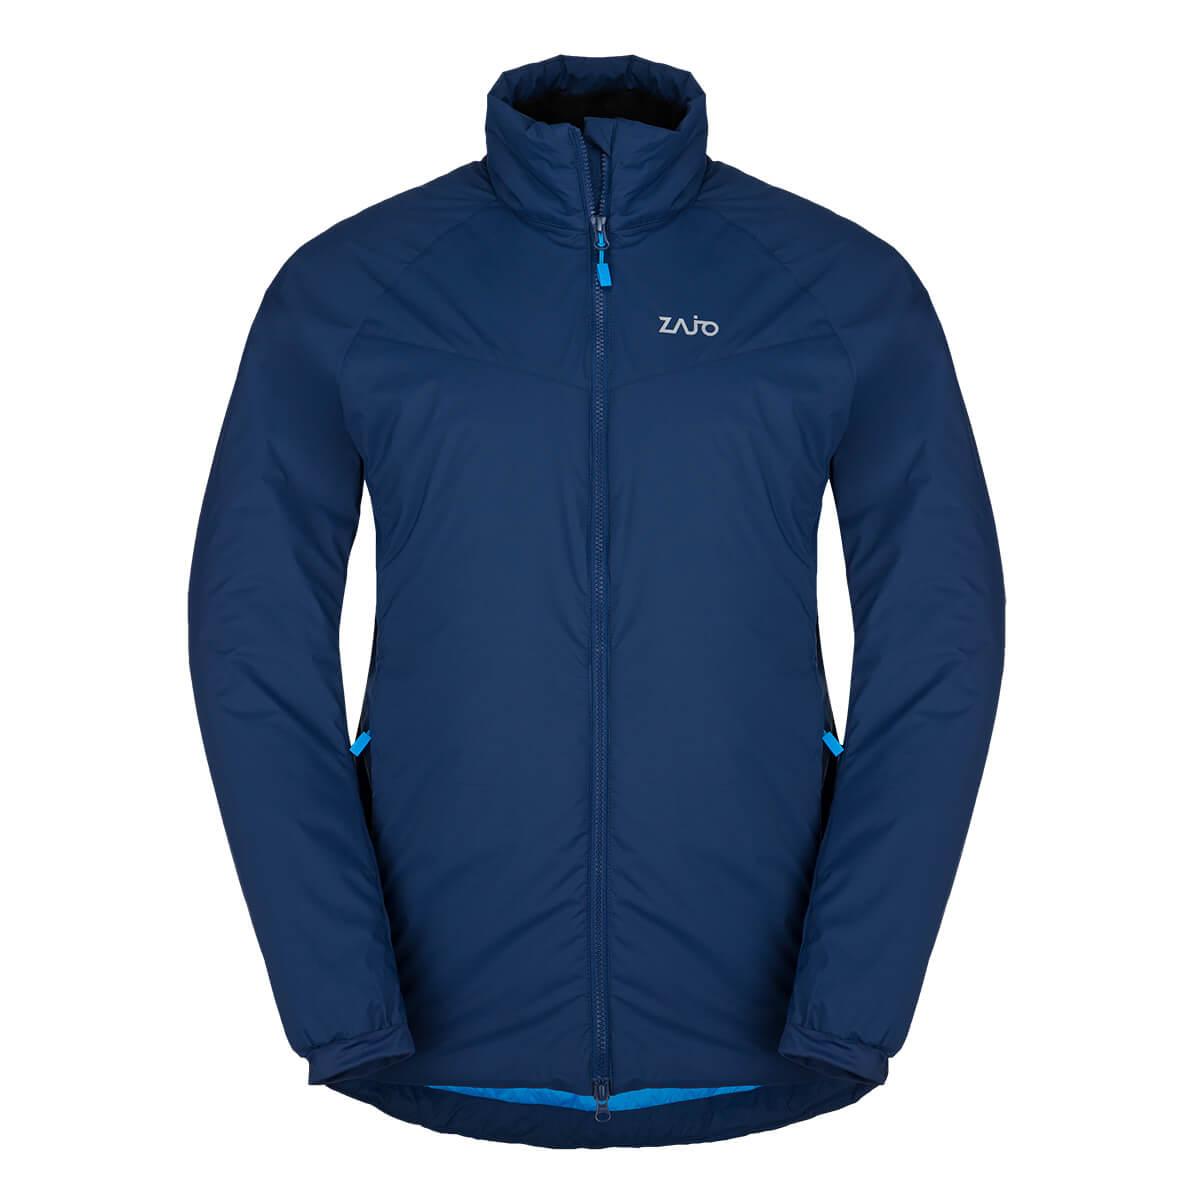 ZAJO Pánska bunda Narvik NH JKT Estate Blue - veľkosť S